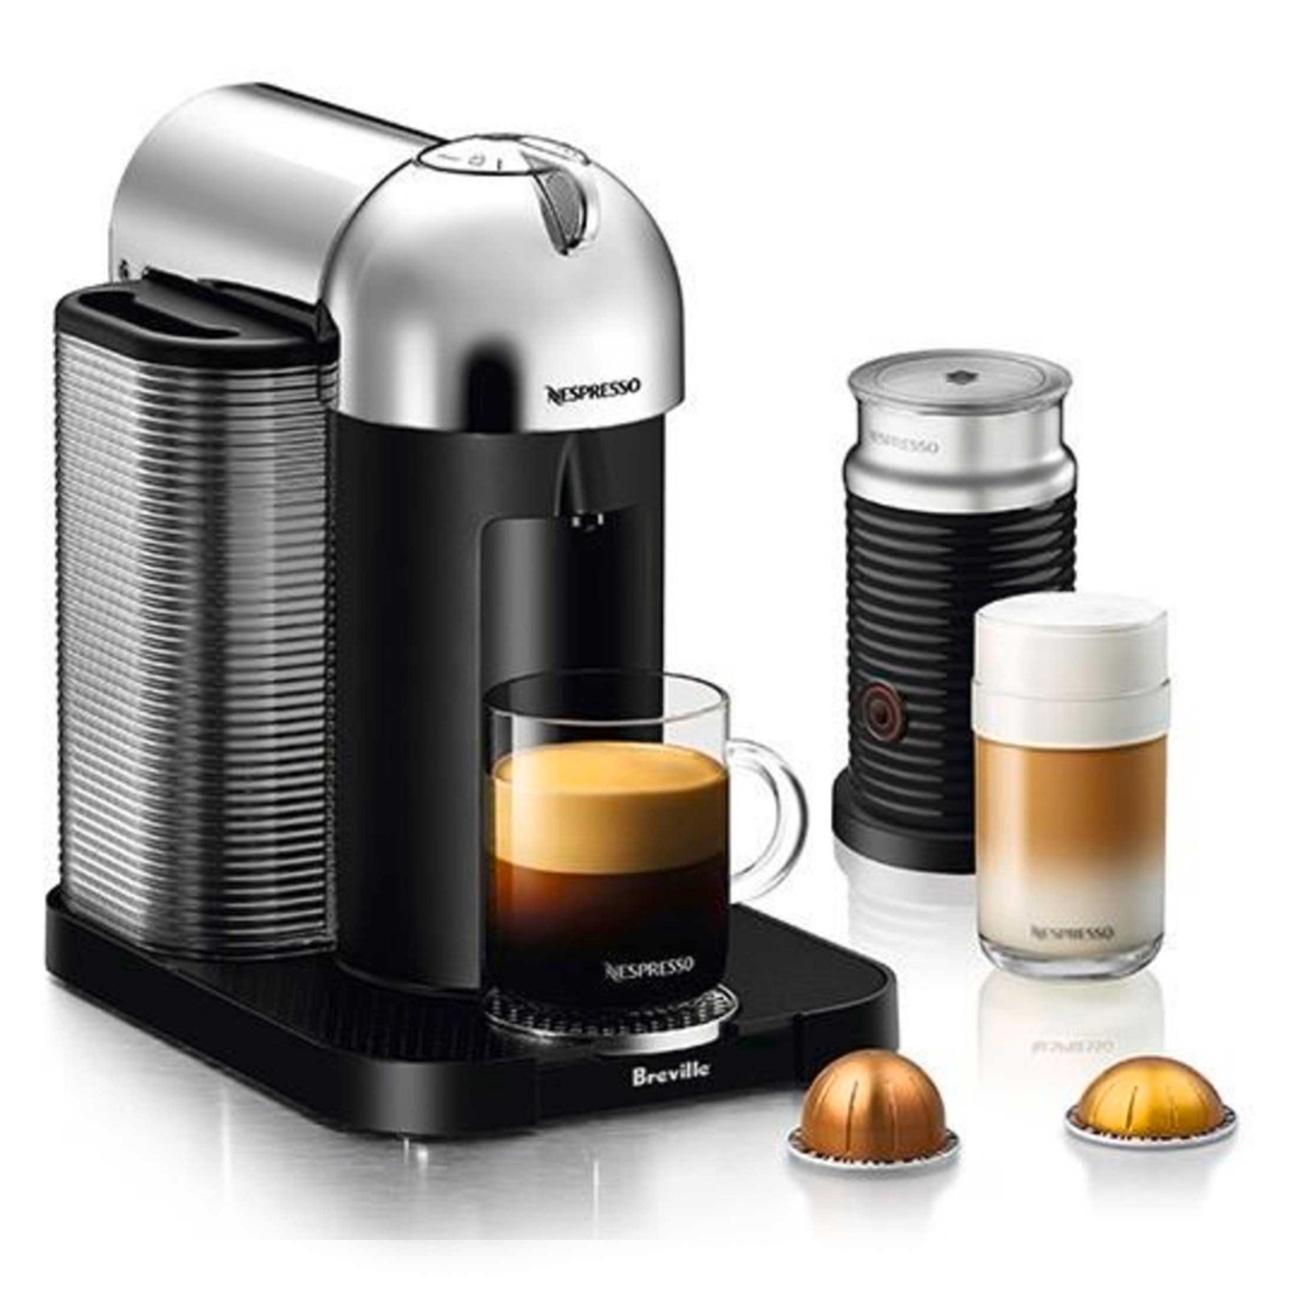 Breville BNV250BLK1BUC1 Nespresso Vertuo Coffee and Espresso Machine